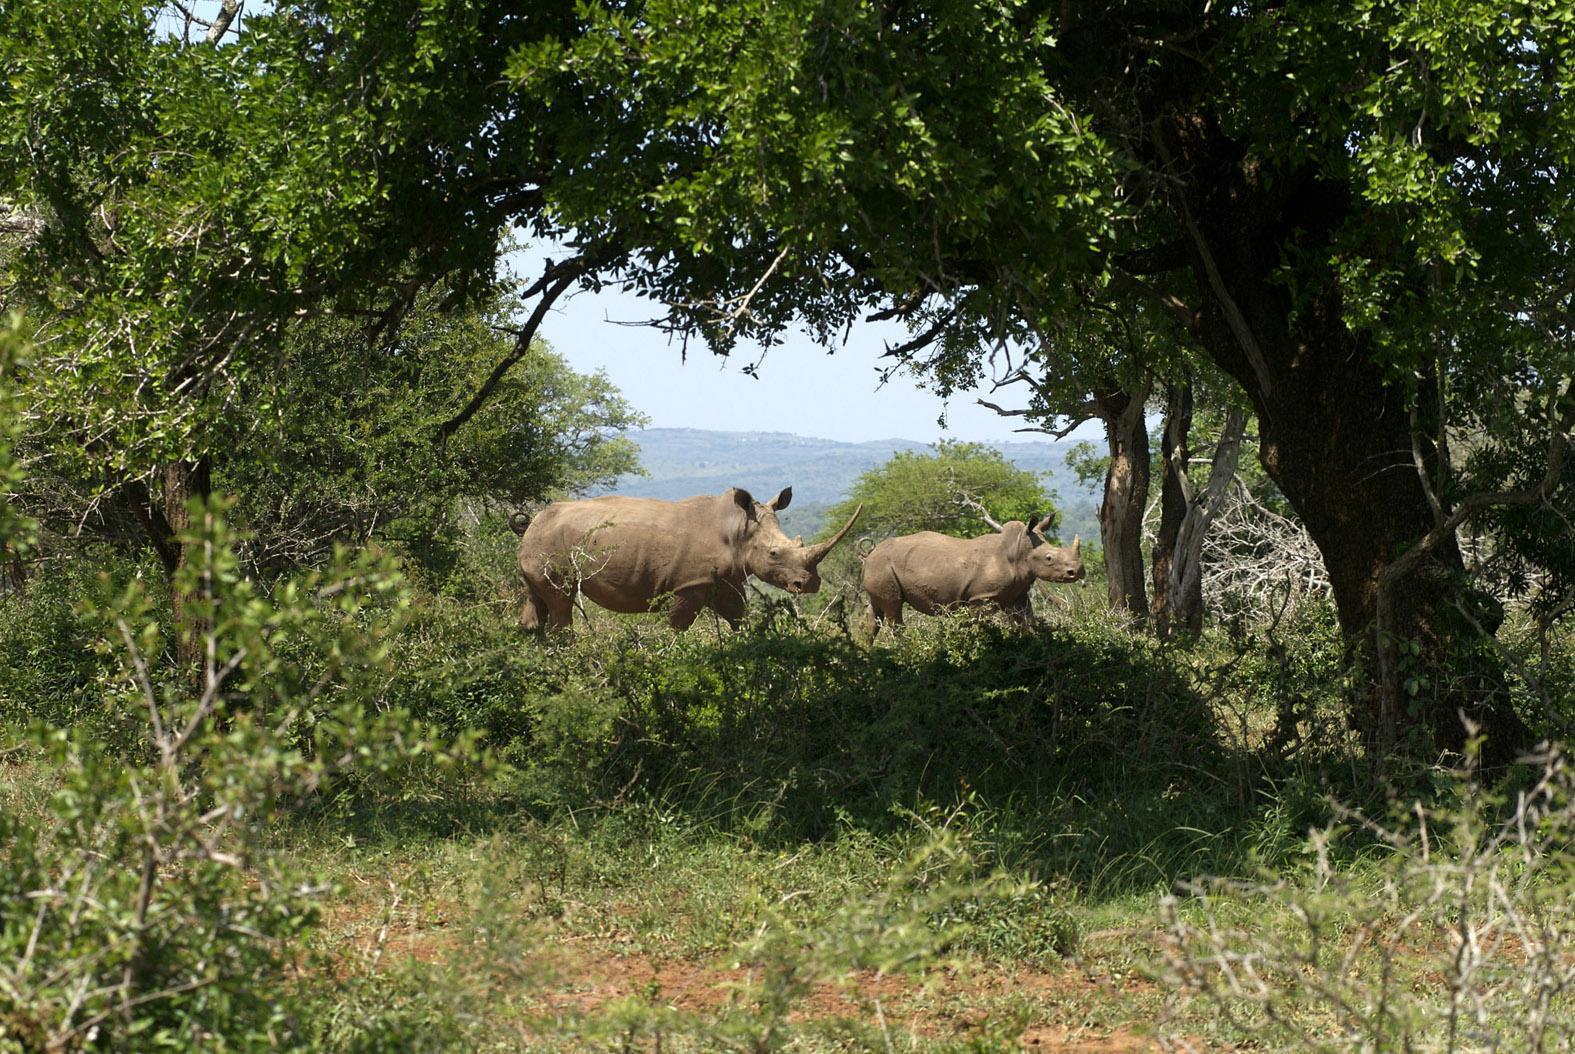 foto: Tom van der Leij van neushoorns in bos Zuid-Afrika